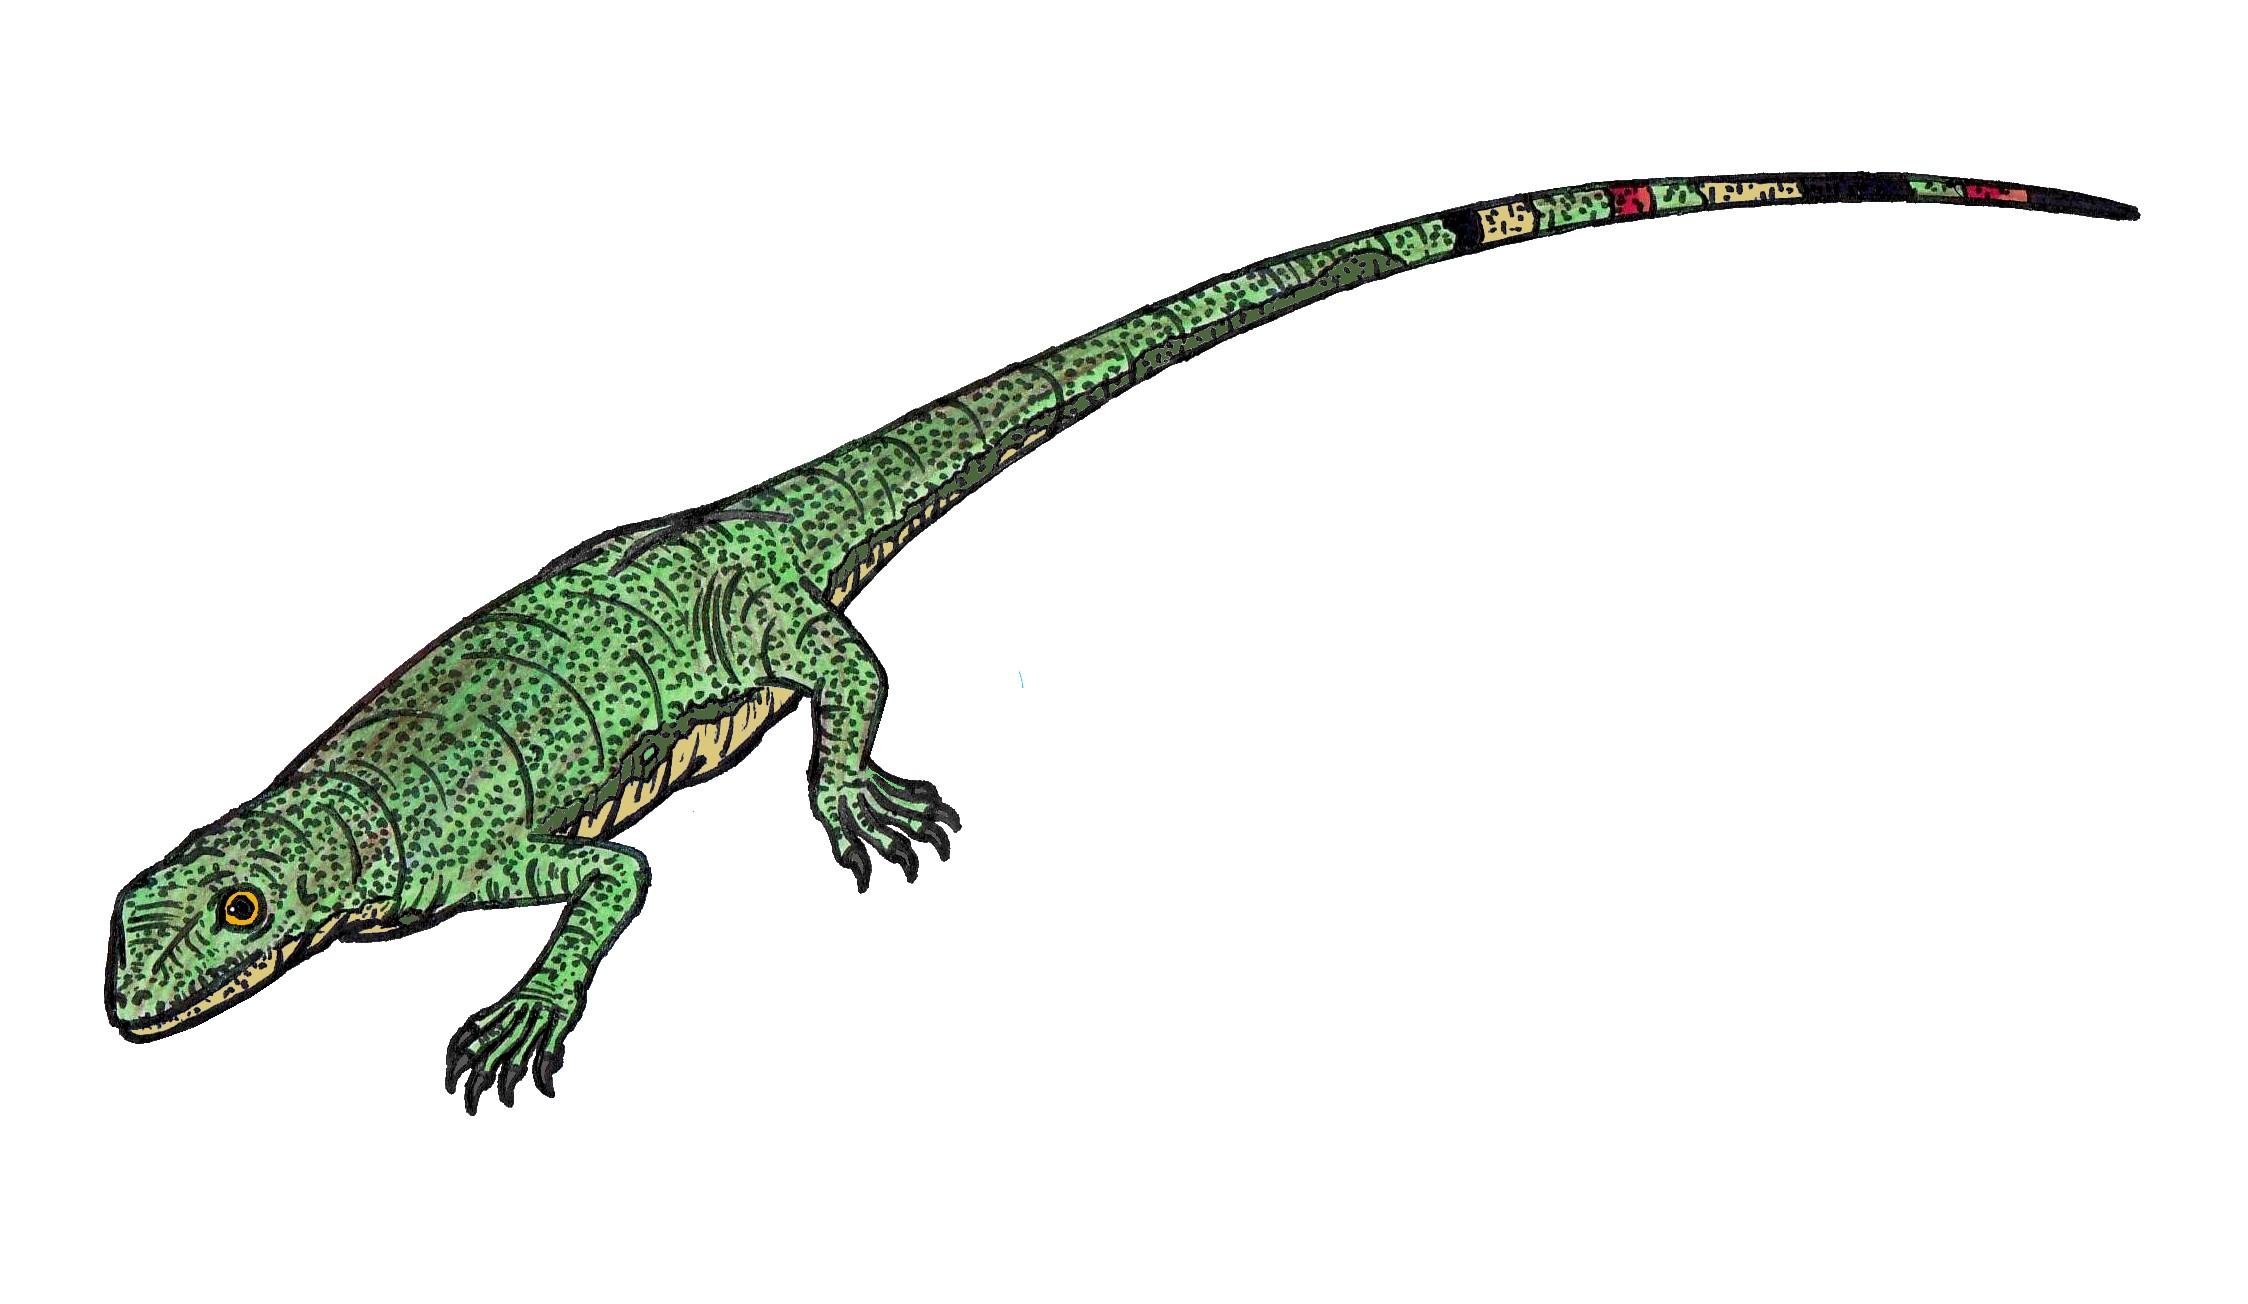 Palaeothyris